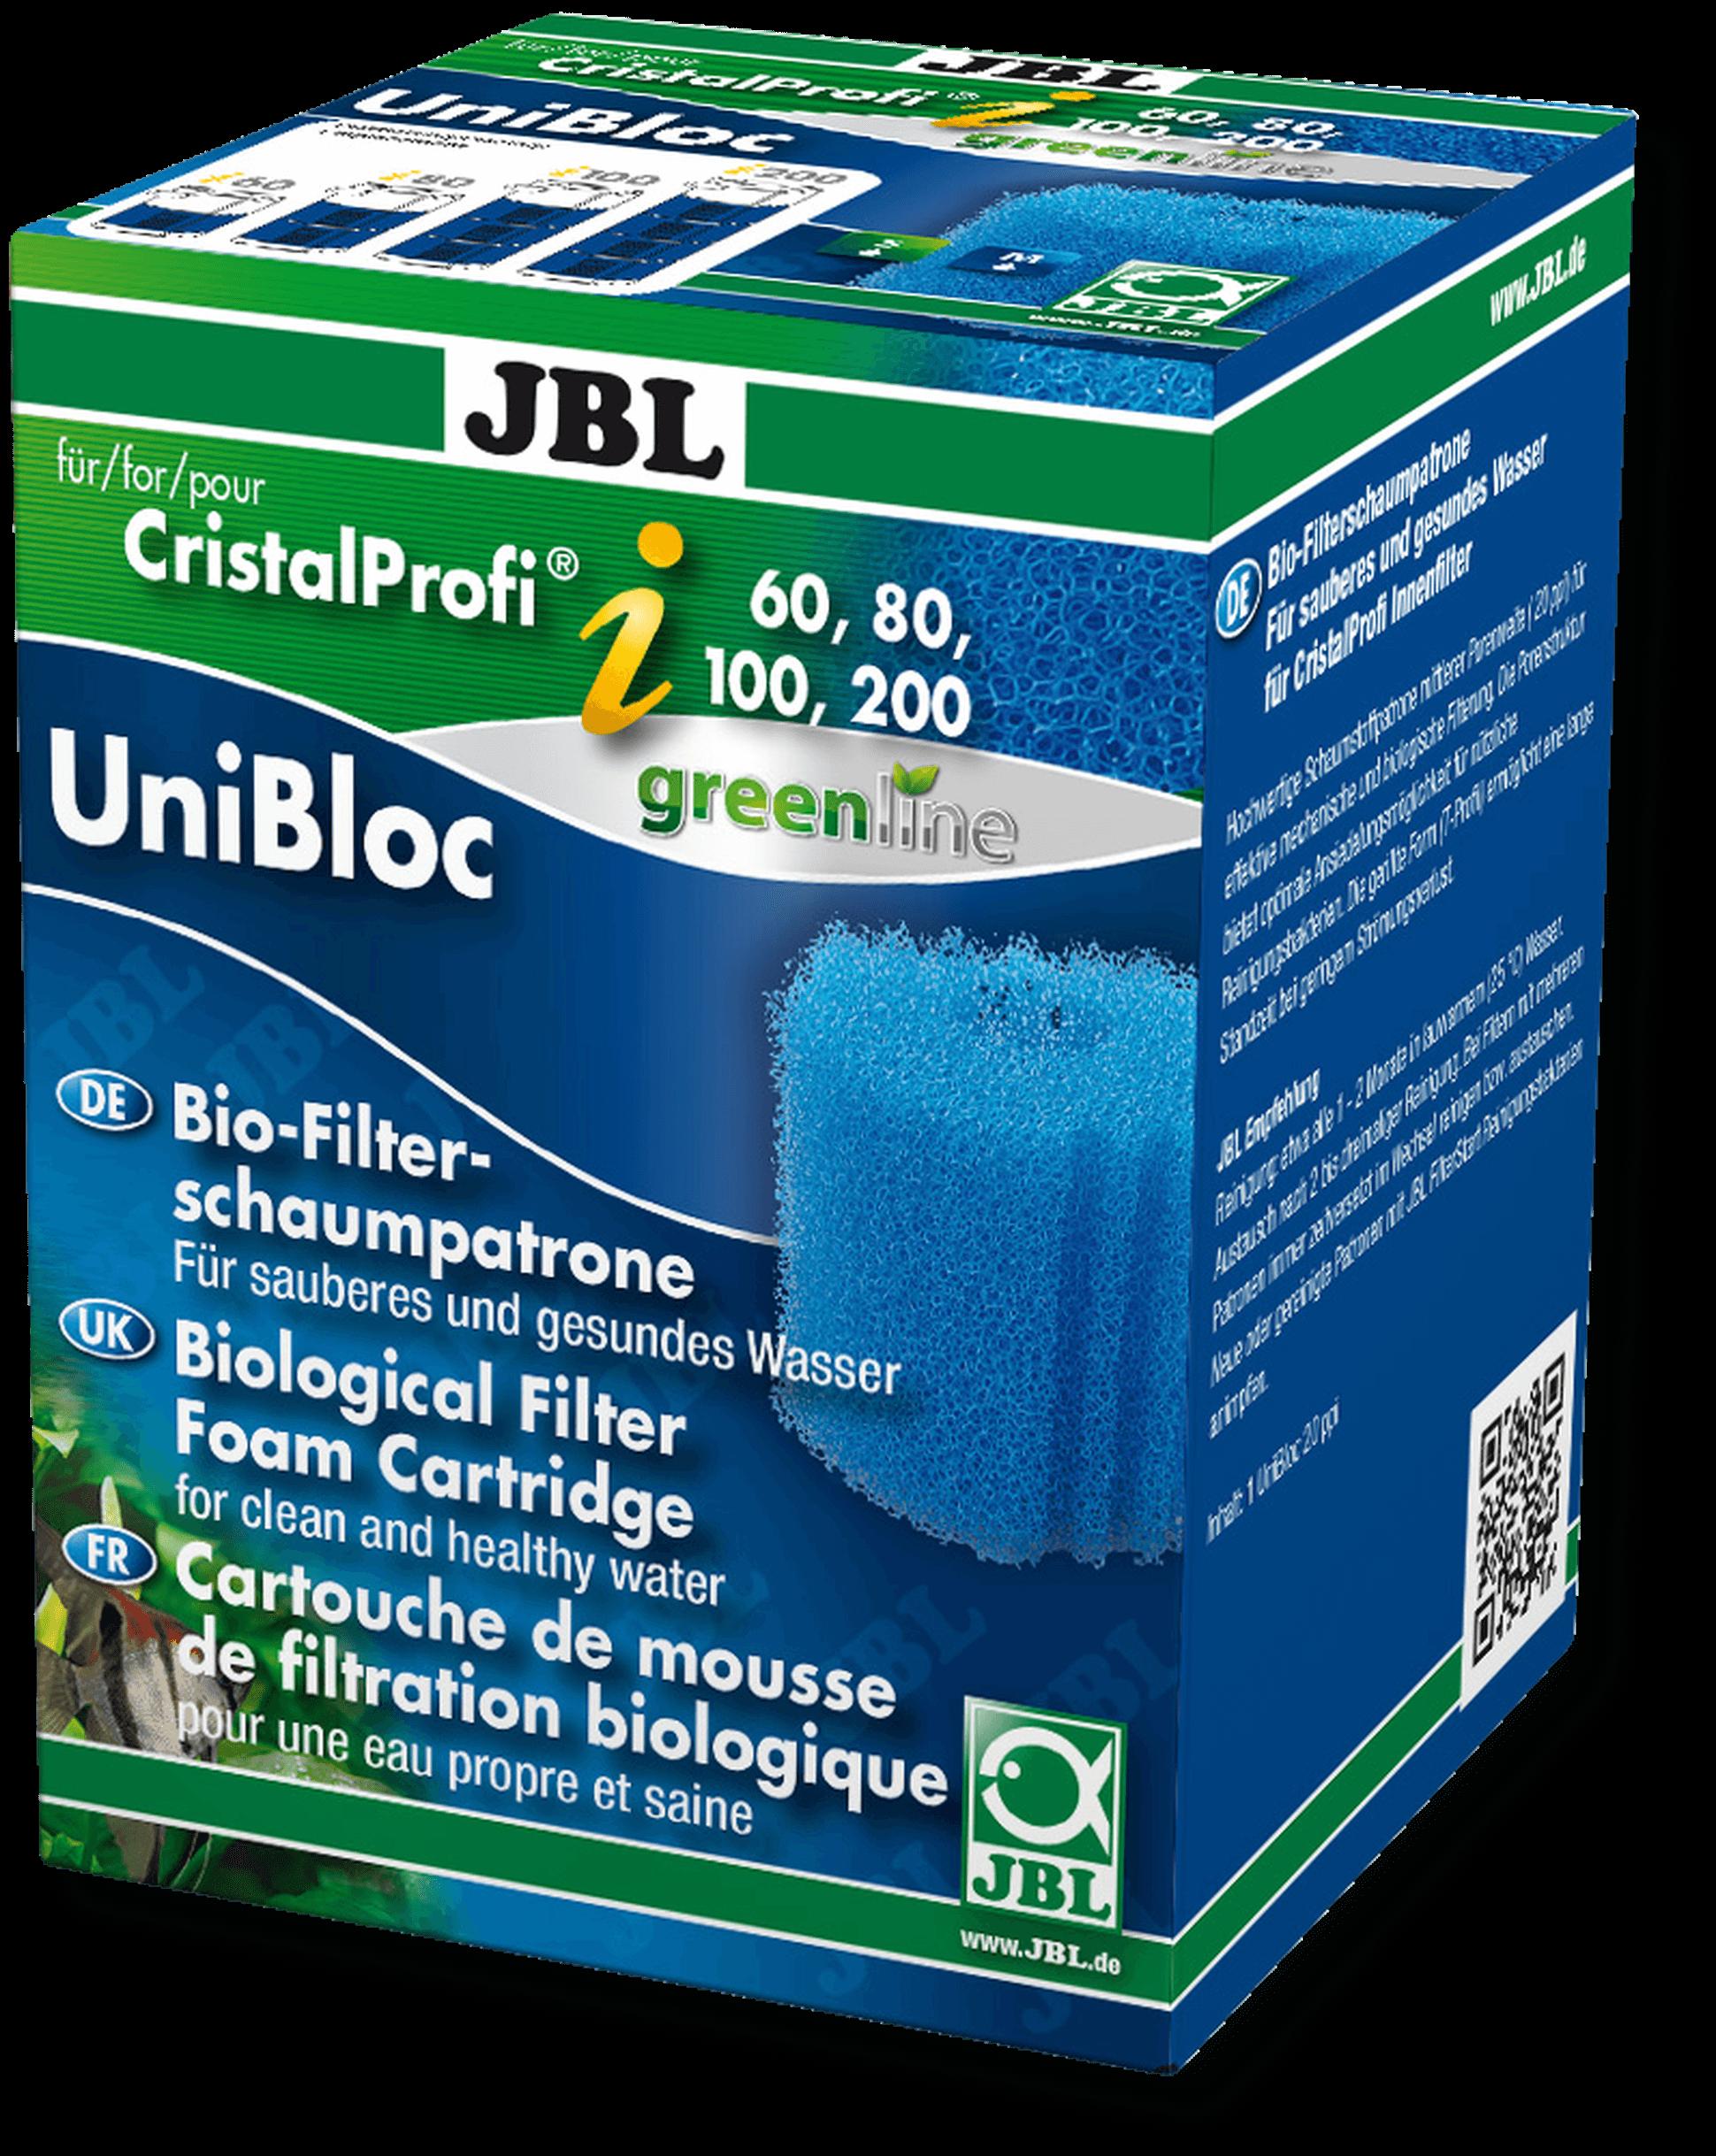 jbl-unibloc-mousse-pour-filtre-cristal-profi-i60-i80-i100-i200 Frais De Aquarium Recifal Complet Concept